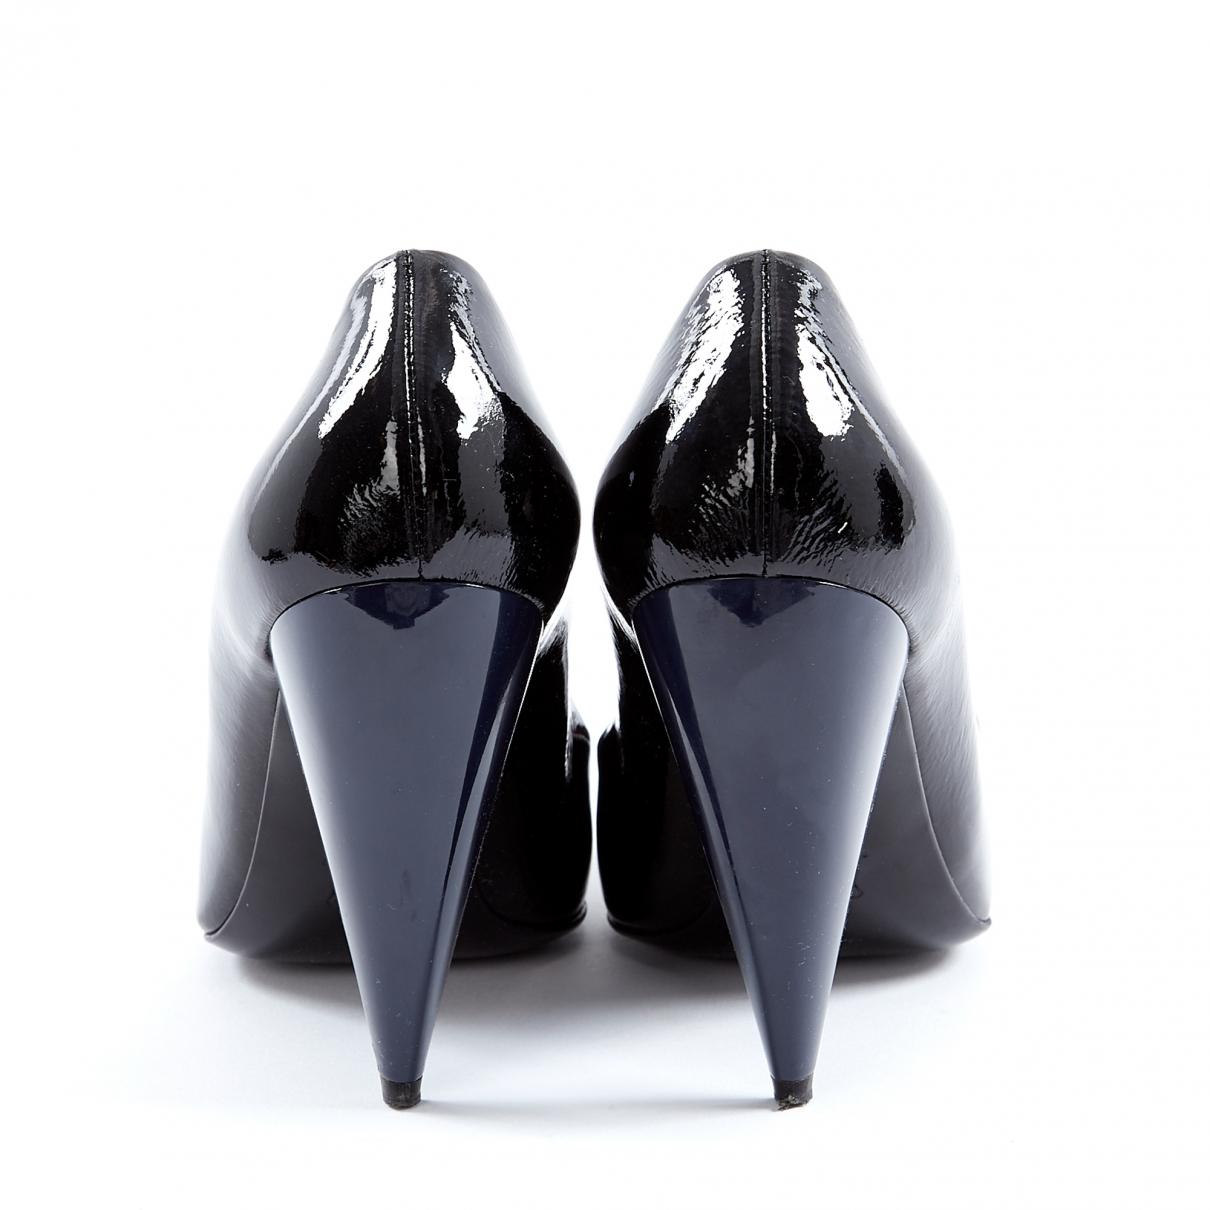 Tacones de Charol Lanvin de Cuero de color Negro